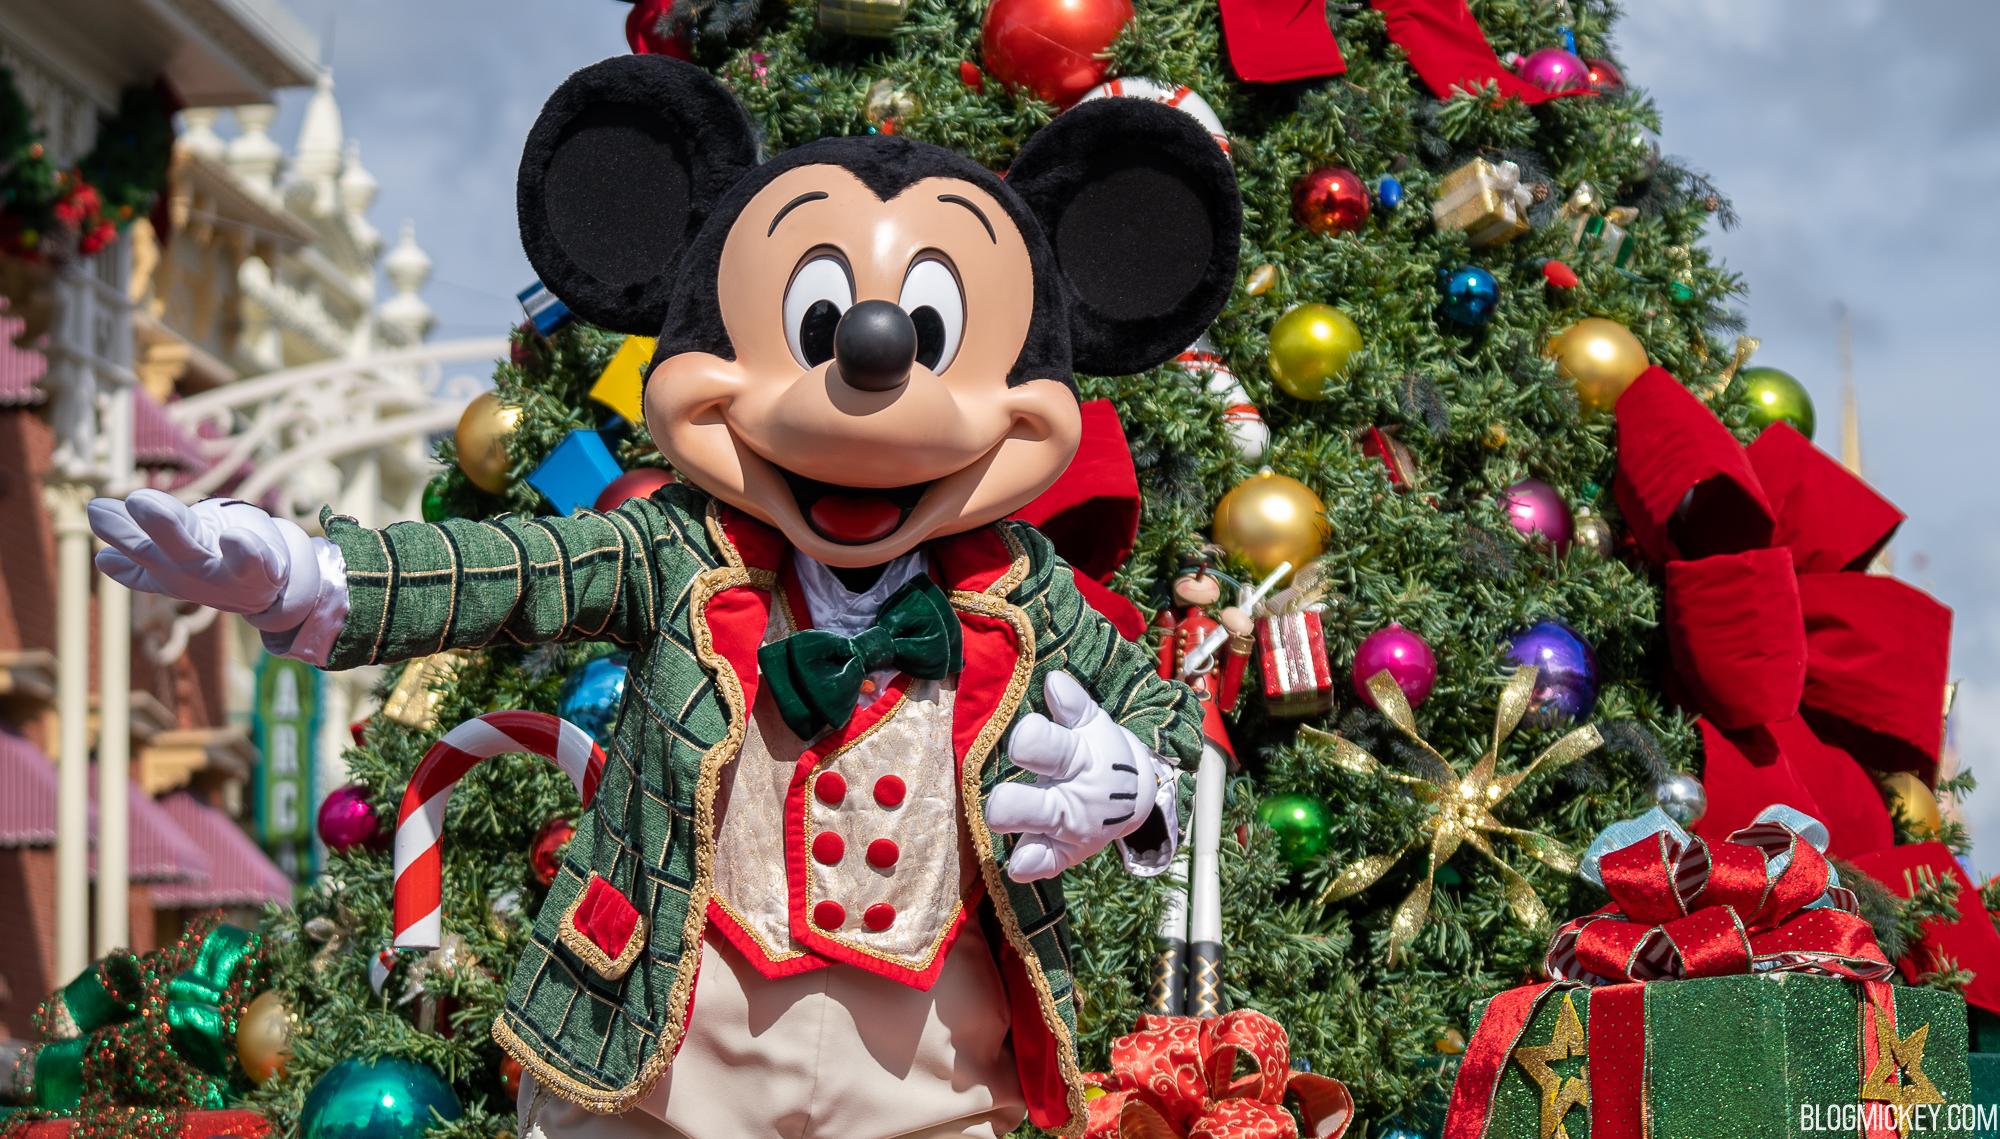 Mickey S Holiday Cavalcade Debuts For 2020 Christmas Season At Magic Kingdom